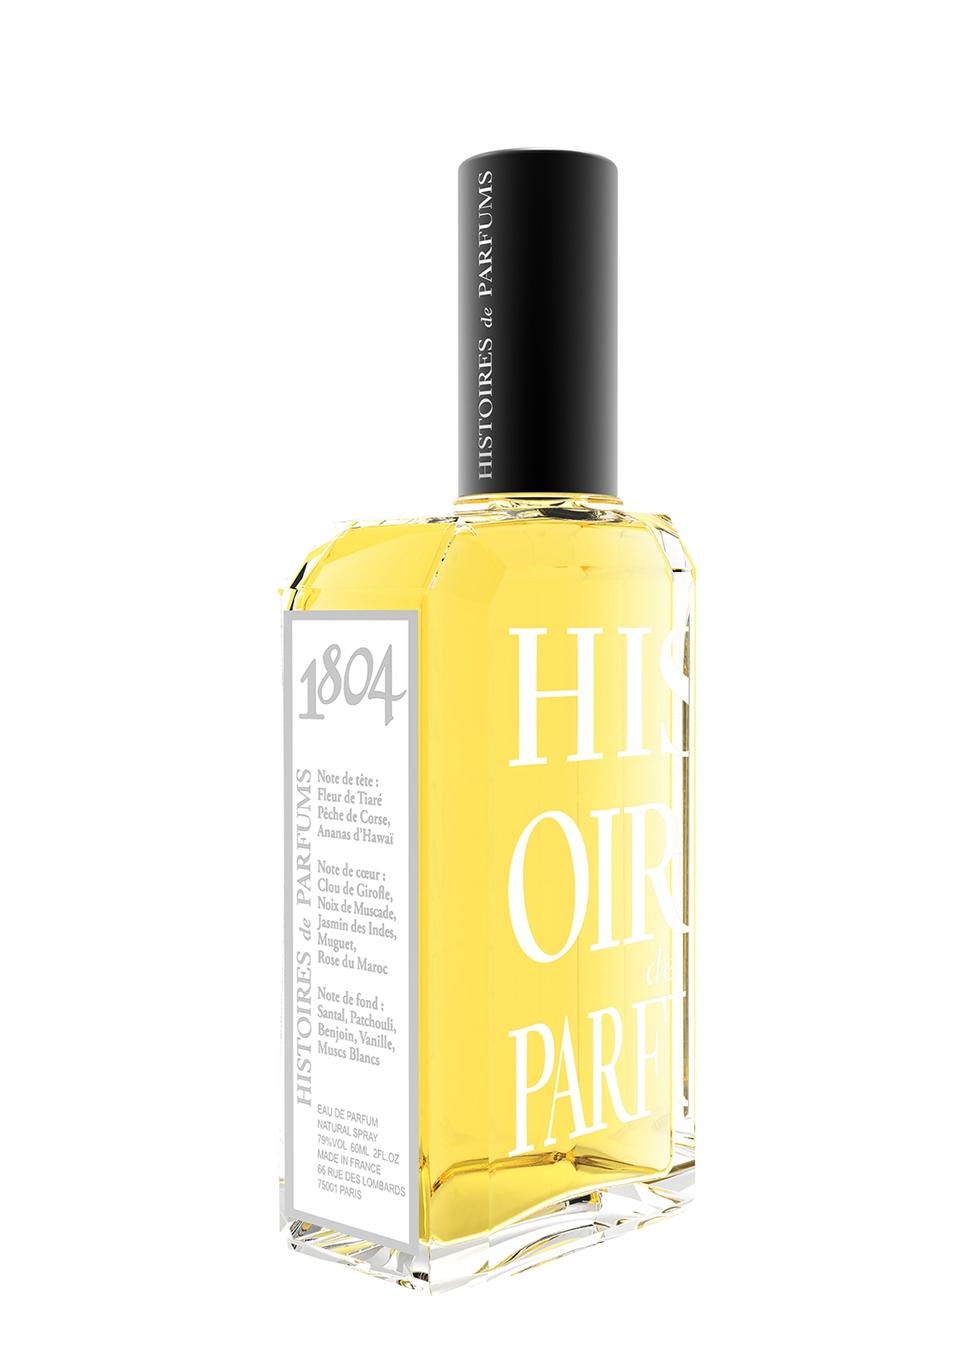 1804 Eau De Parfum 60ml - Histoires de Parfums